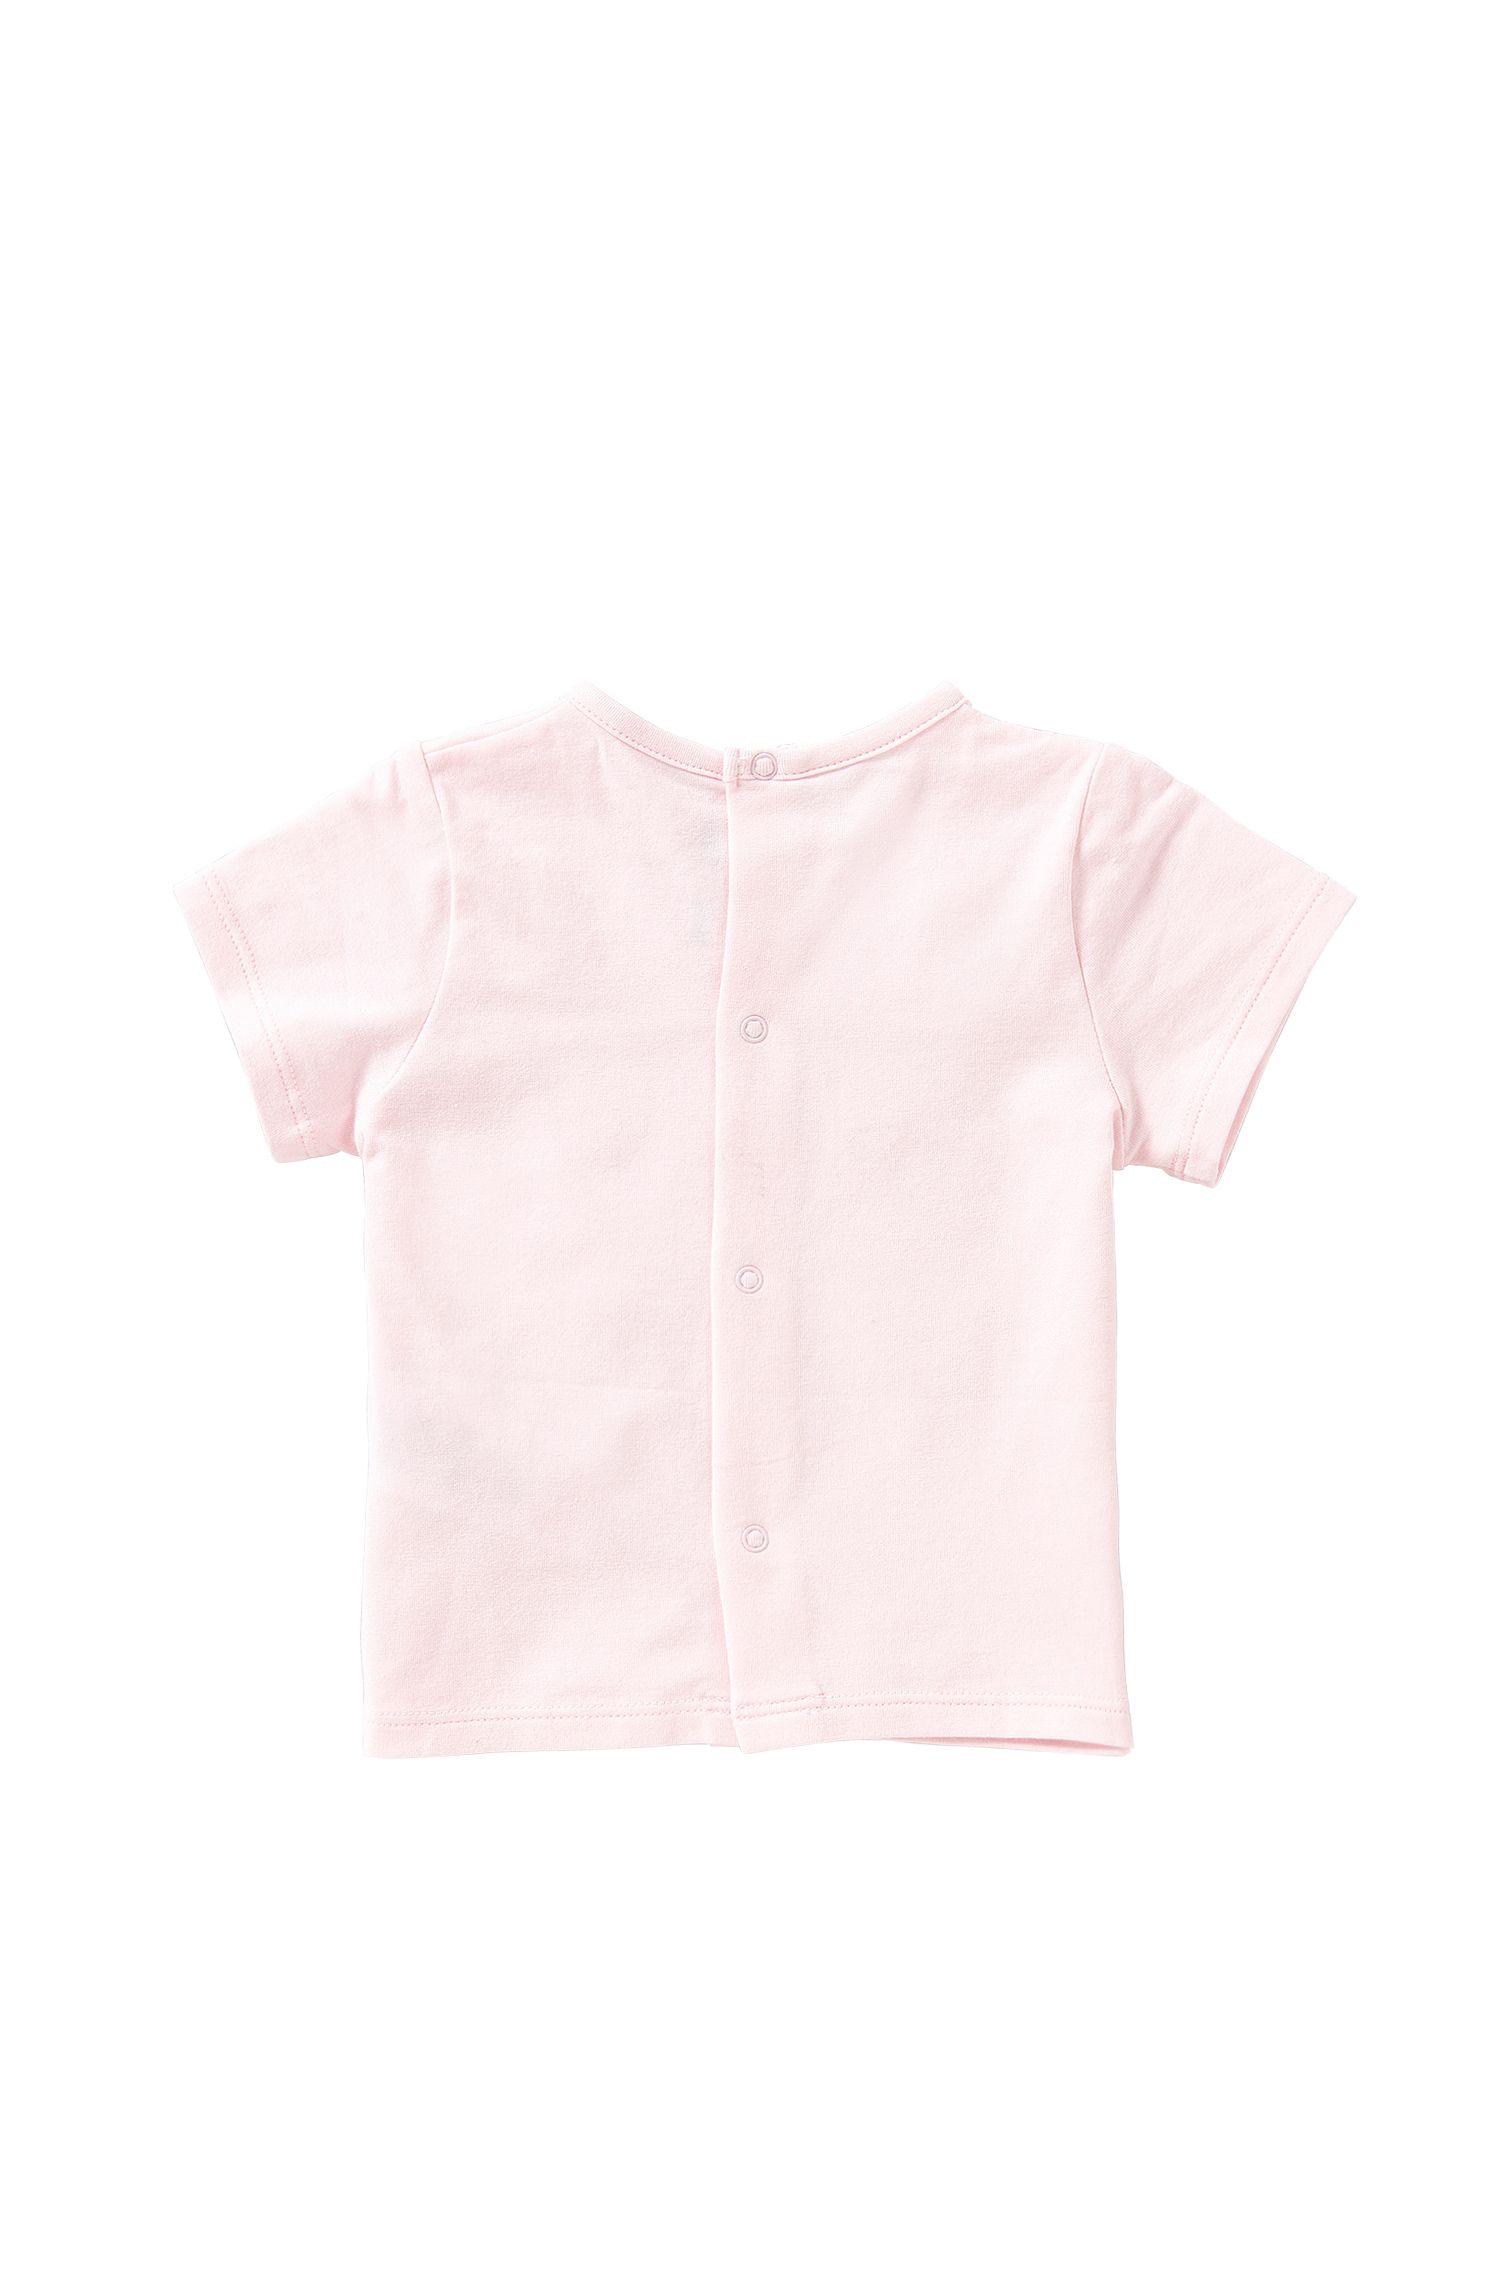 Baby-T-Shirt aus Stretch-Baumwolle mit rückseitiger Druckknopfleiste: 'J95196'